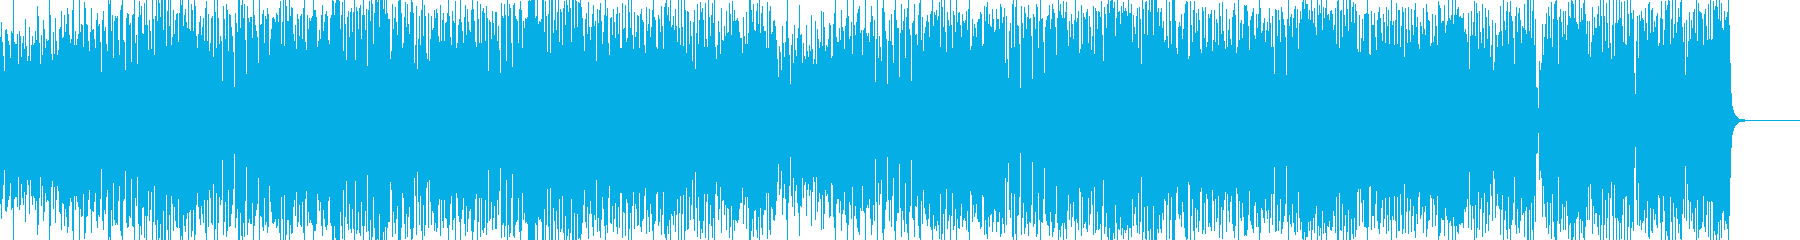 はつらつ オープニング 希望 青空 元気の再生済みの波形